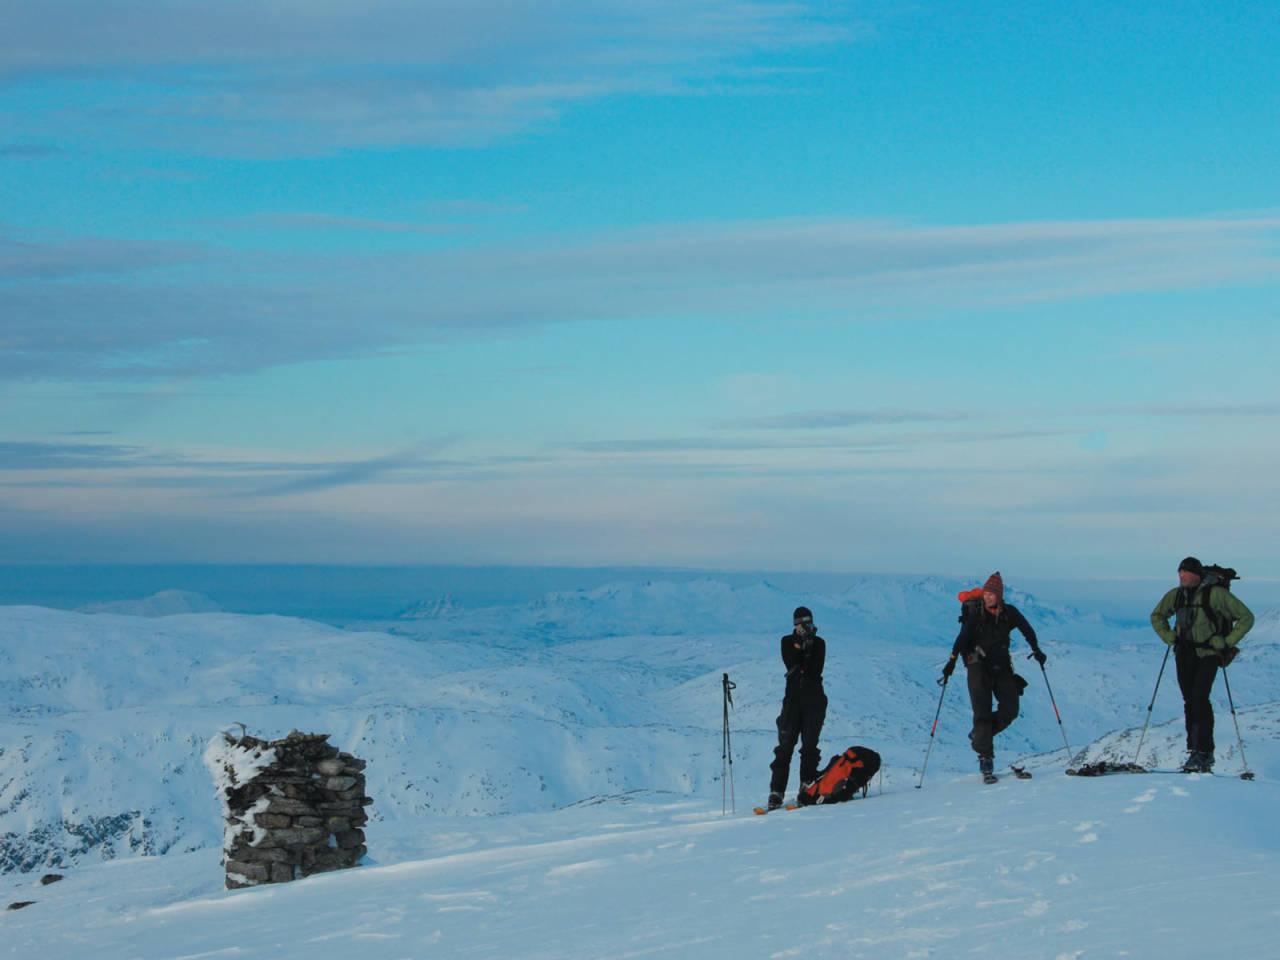 Yngve Antonsen, Heidi Berg og Bjørn Eines nyter en vakker februardag på Breitinden. Foto: Espen Nordahl. / Toppturer i Troms.